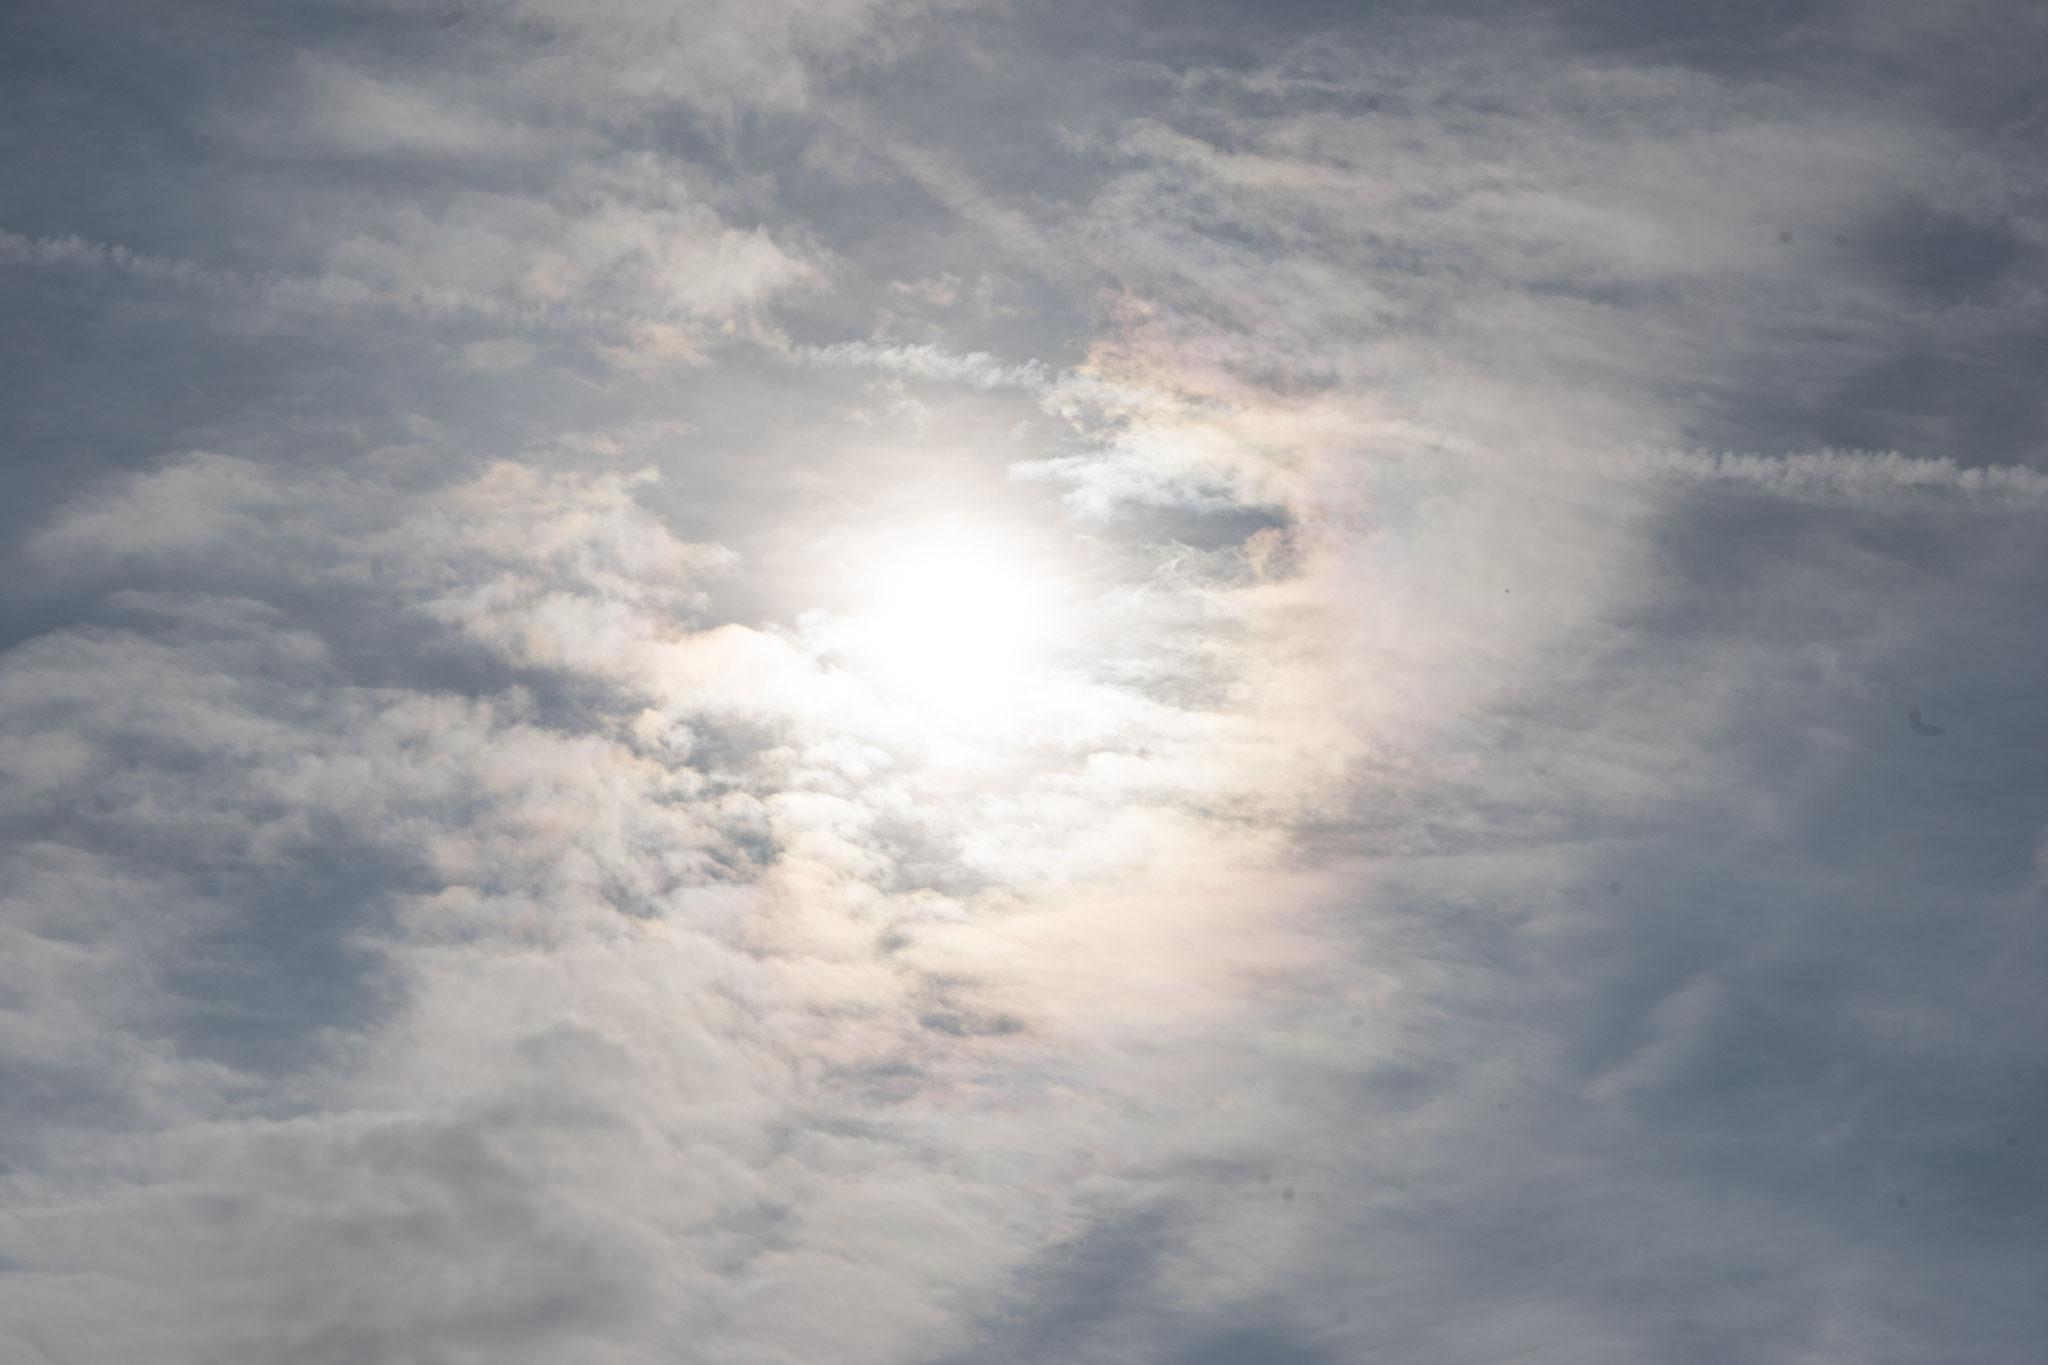 Die Sonne an diesem wunderschönen Septembertag darf auch nicht fehlen.